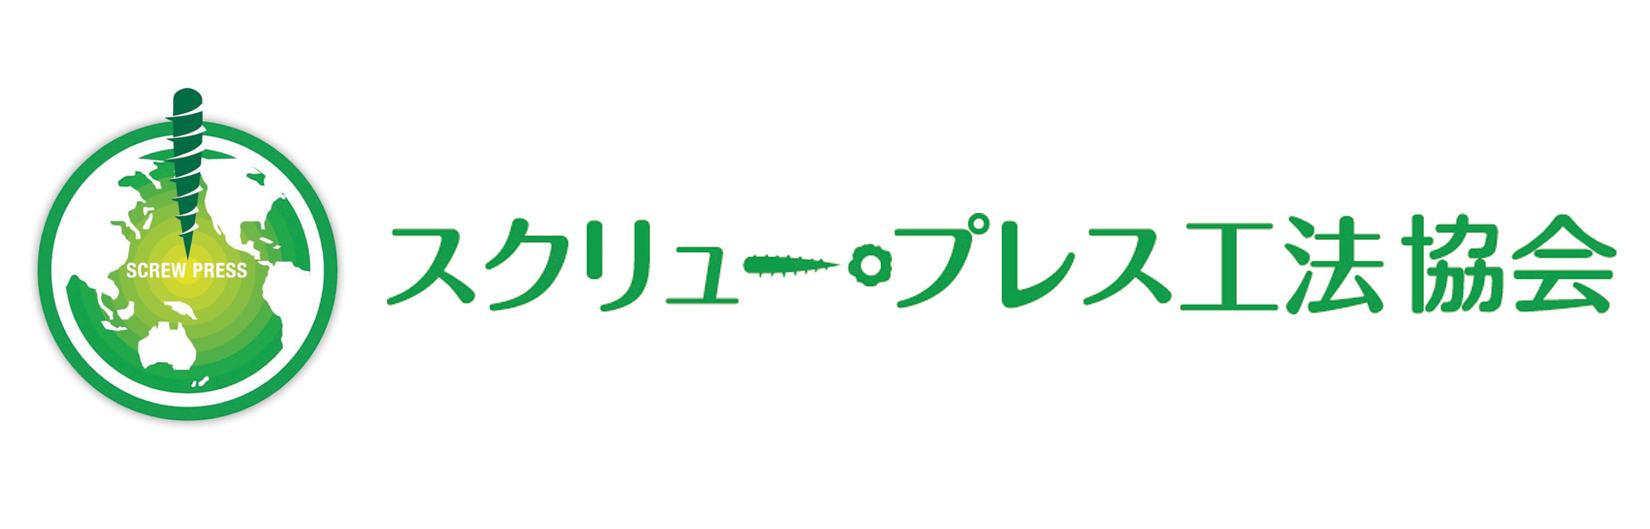 スクリュープレス工法協会